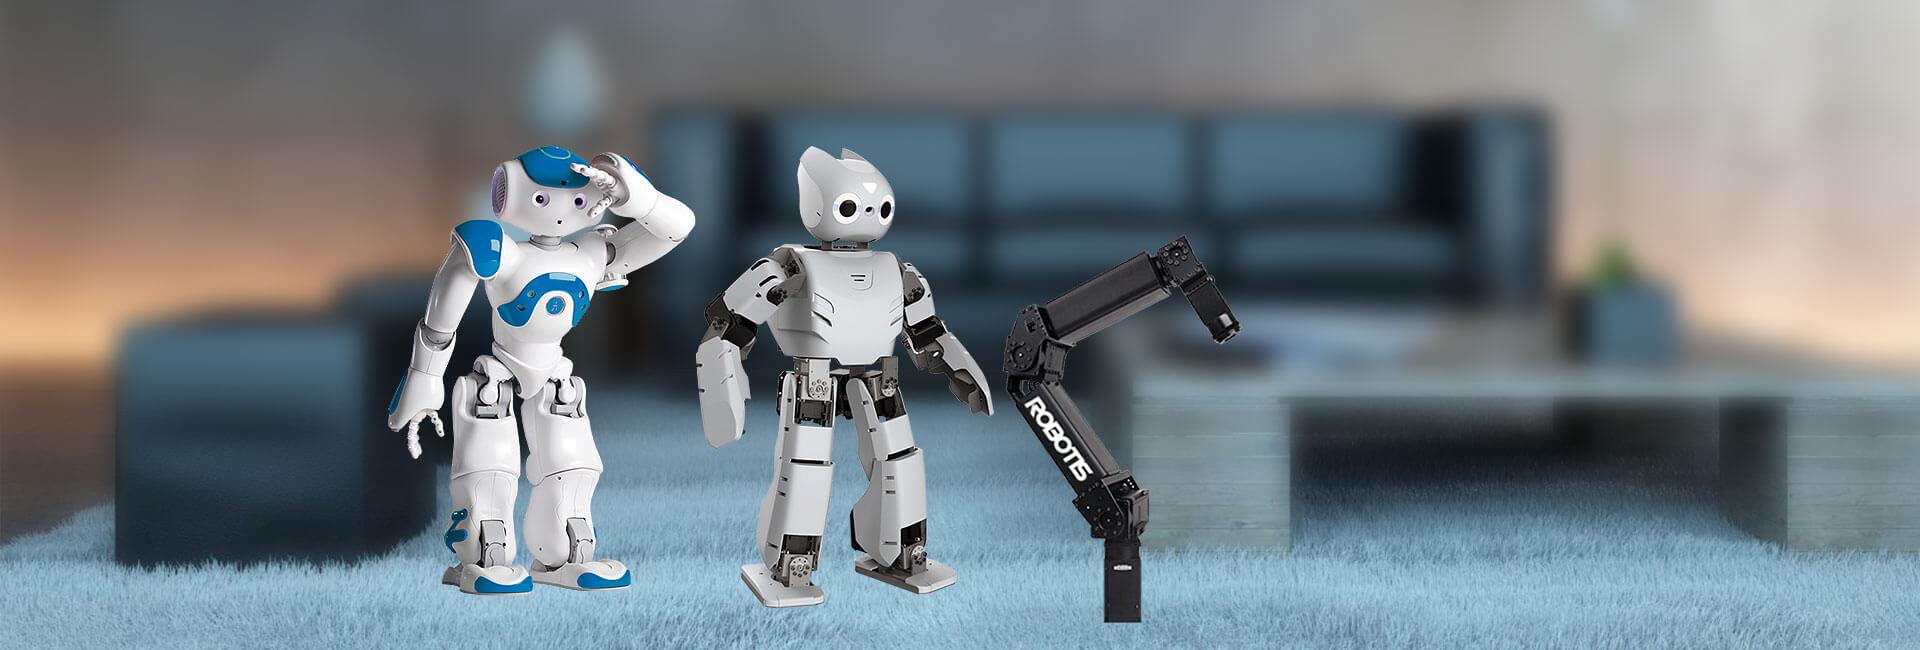 پلتفورم رباتیک ربات انسان نما بازوی ربات صنعتی و پژوهشی